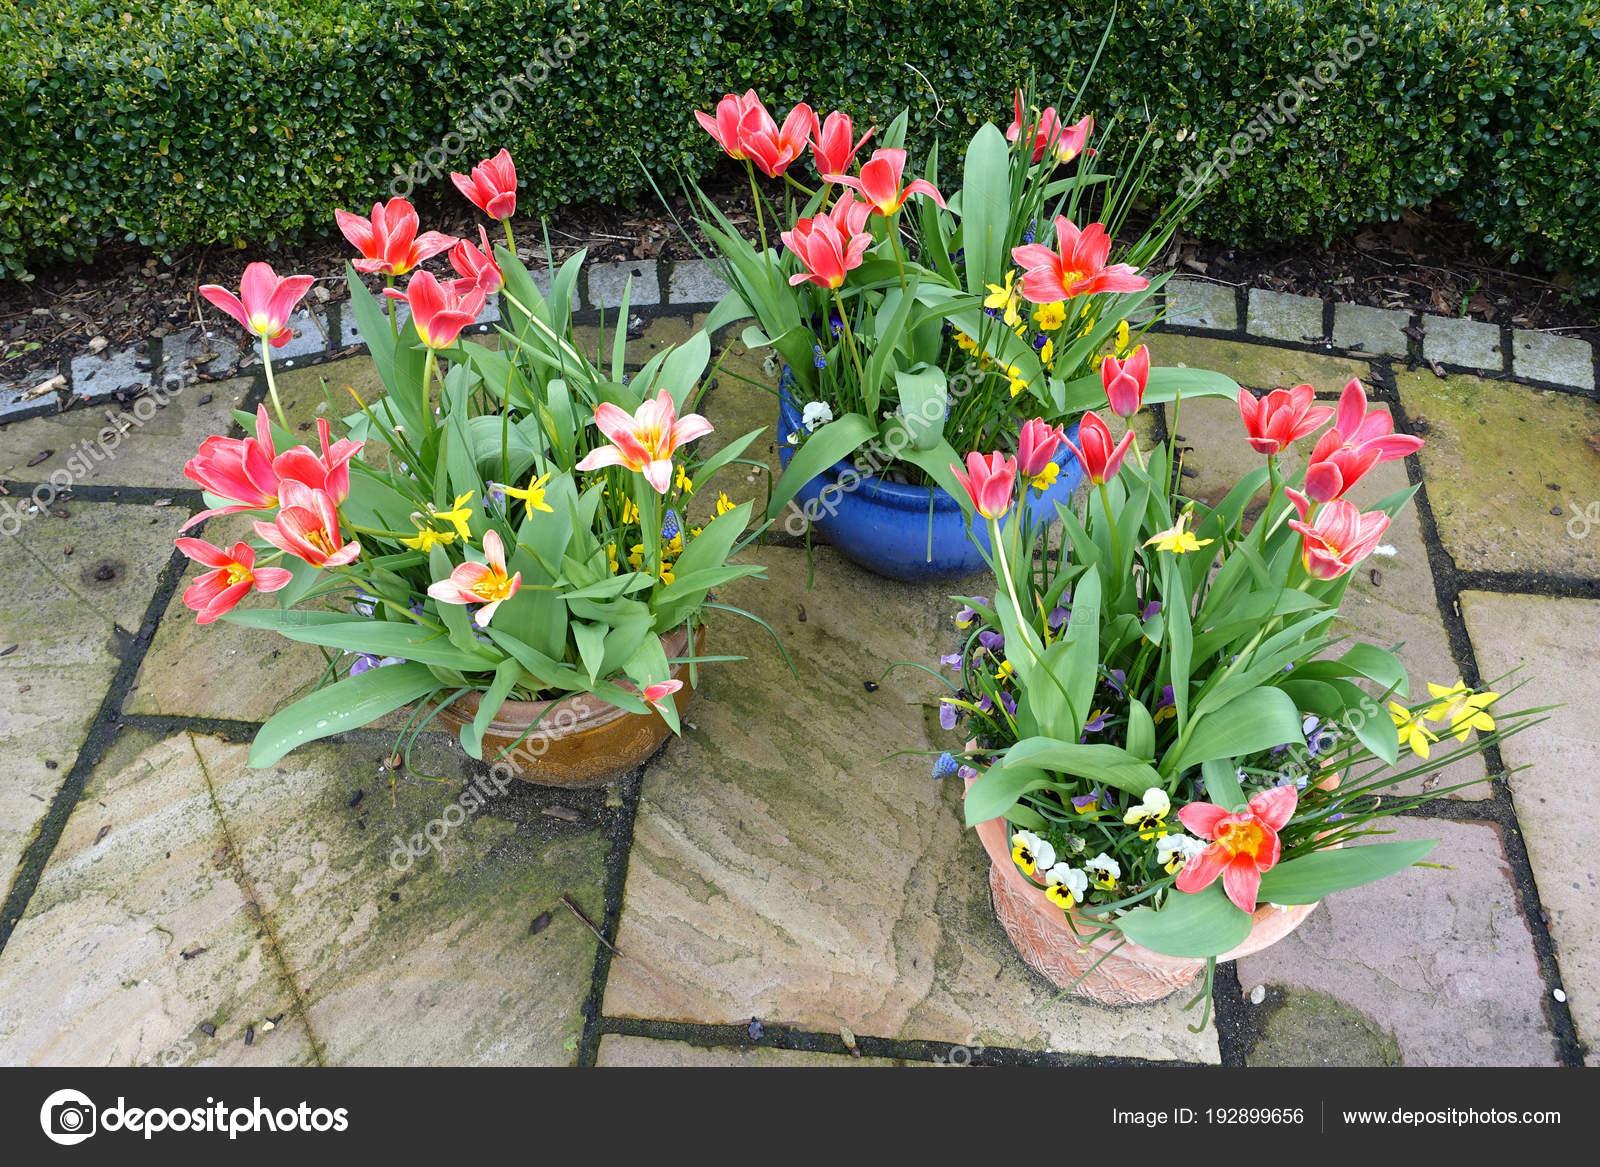 Wiosenne Kwiaty Doniczkach Ogrodzie Zdjecie Stockowe C Rocklights